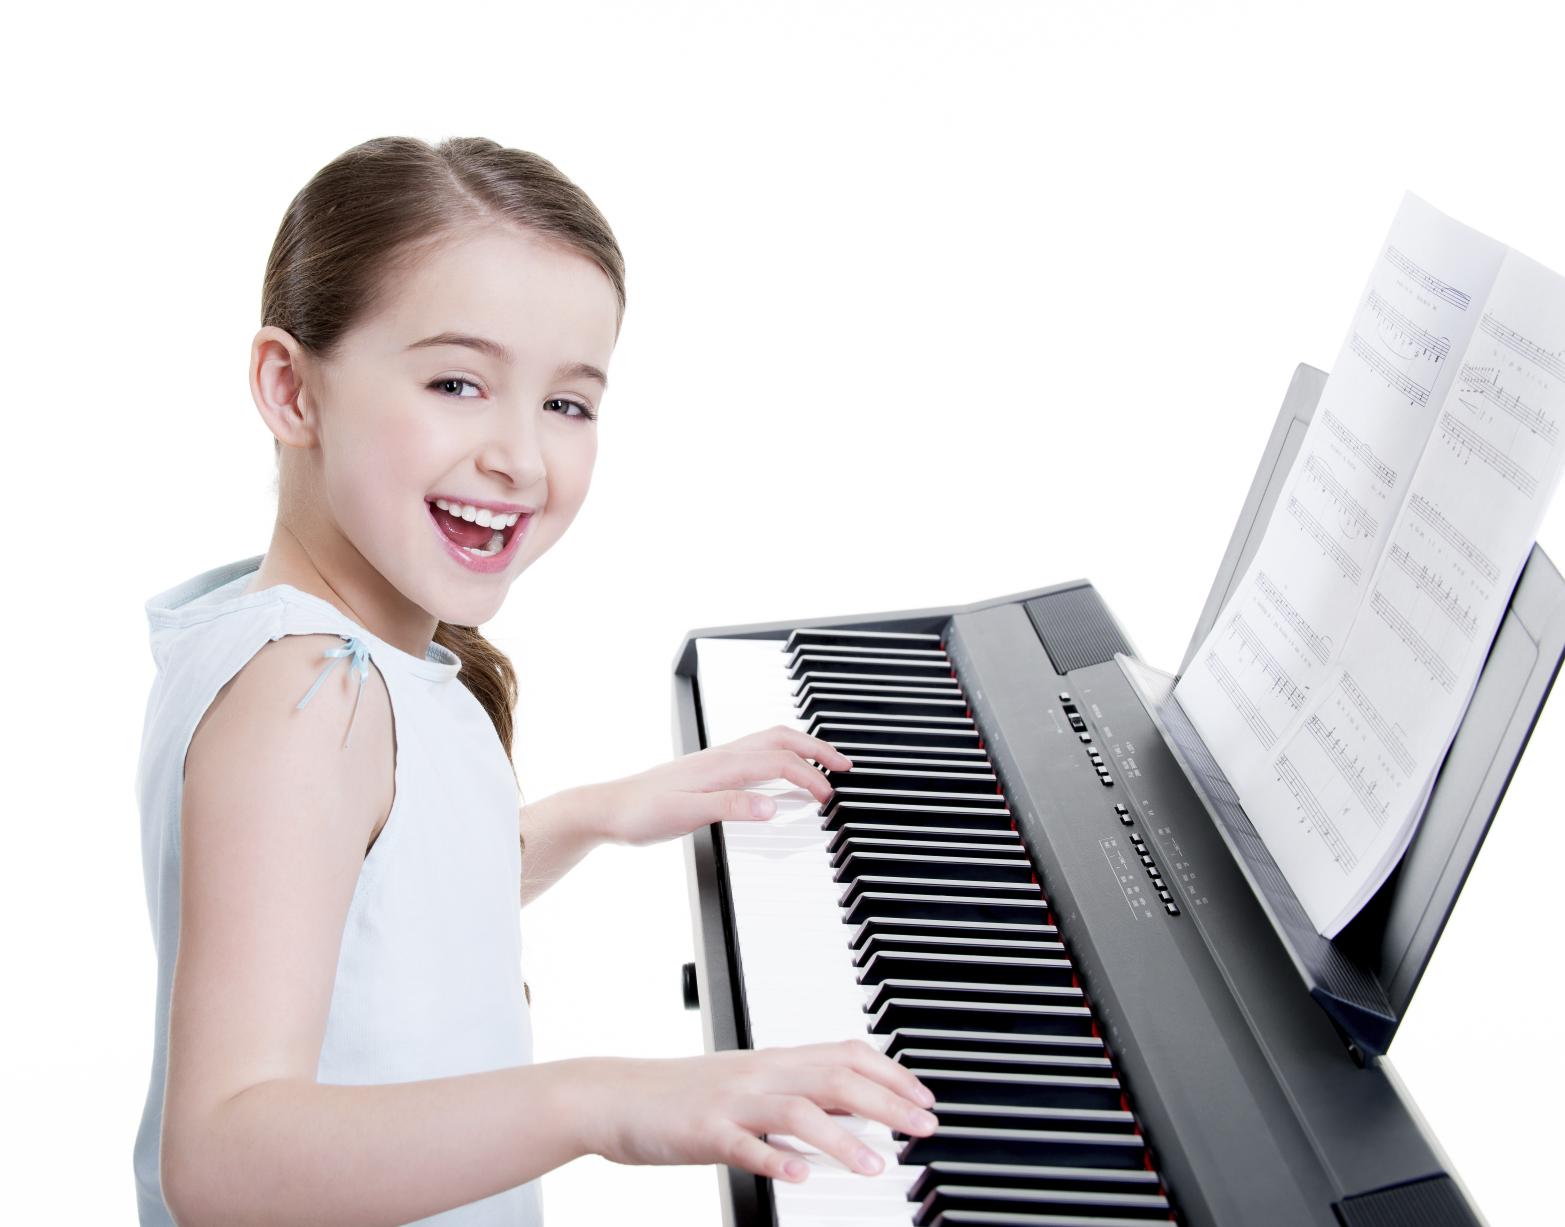 Teclados musicales para niños